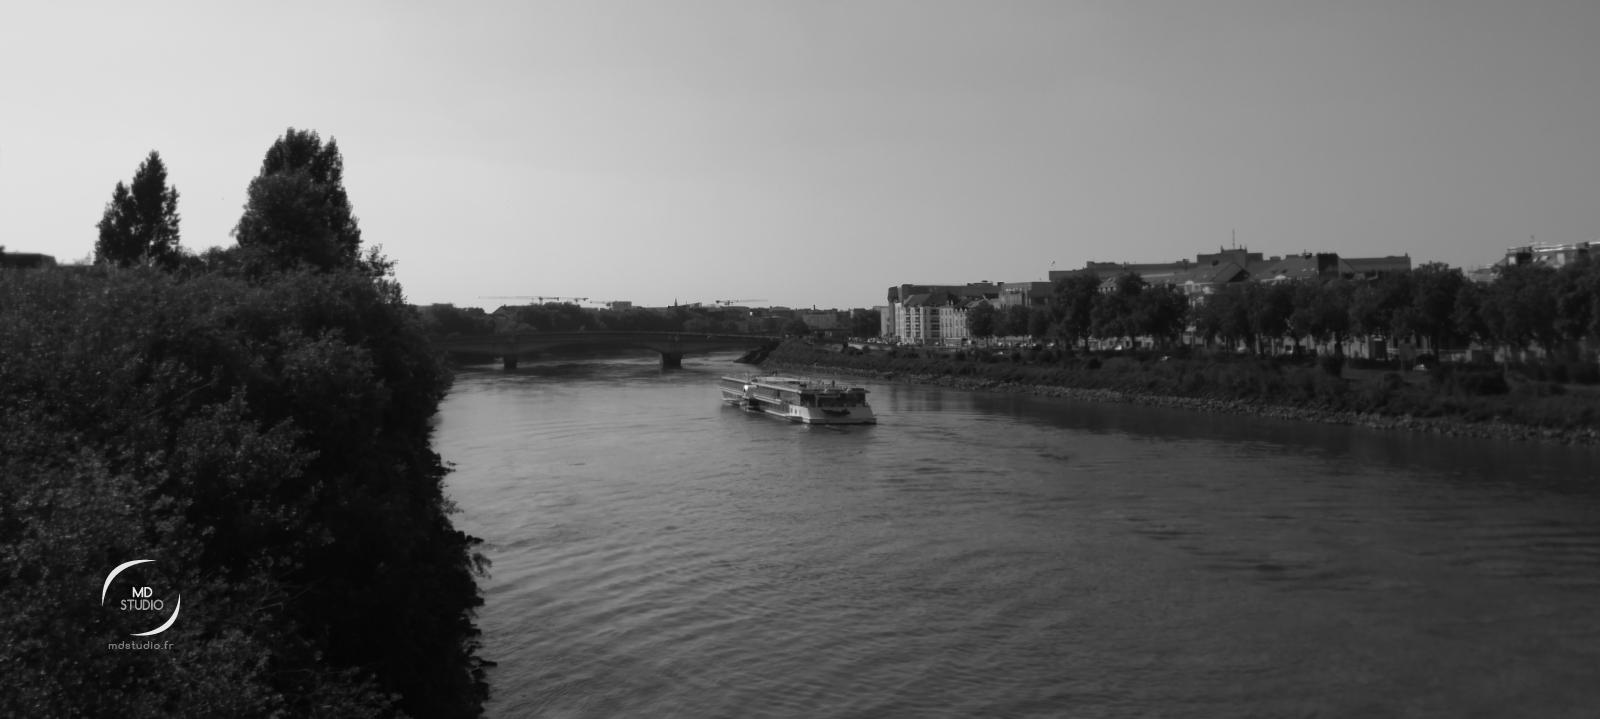 péniche sur la Loire à Nantes | photo MDstudio